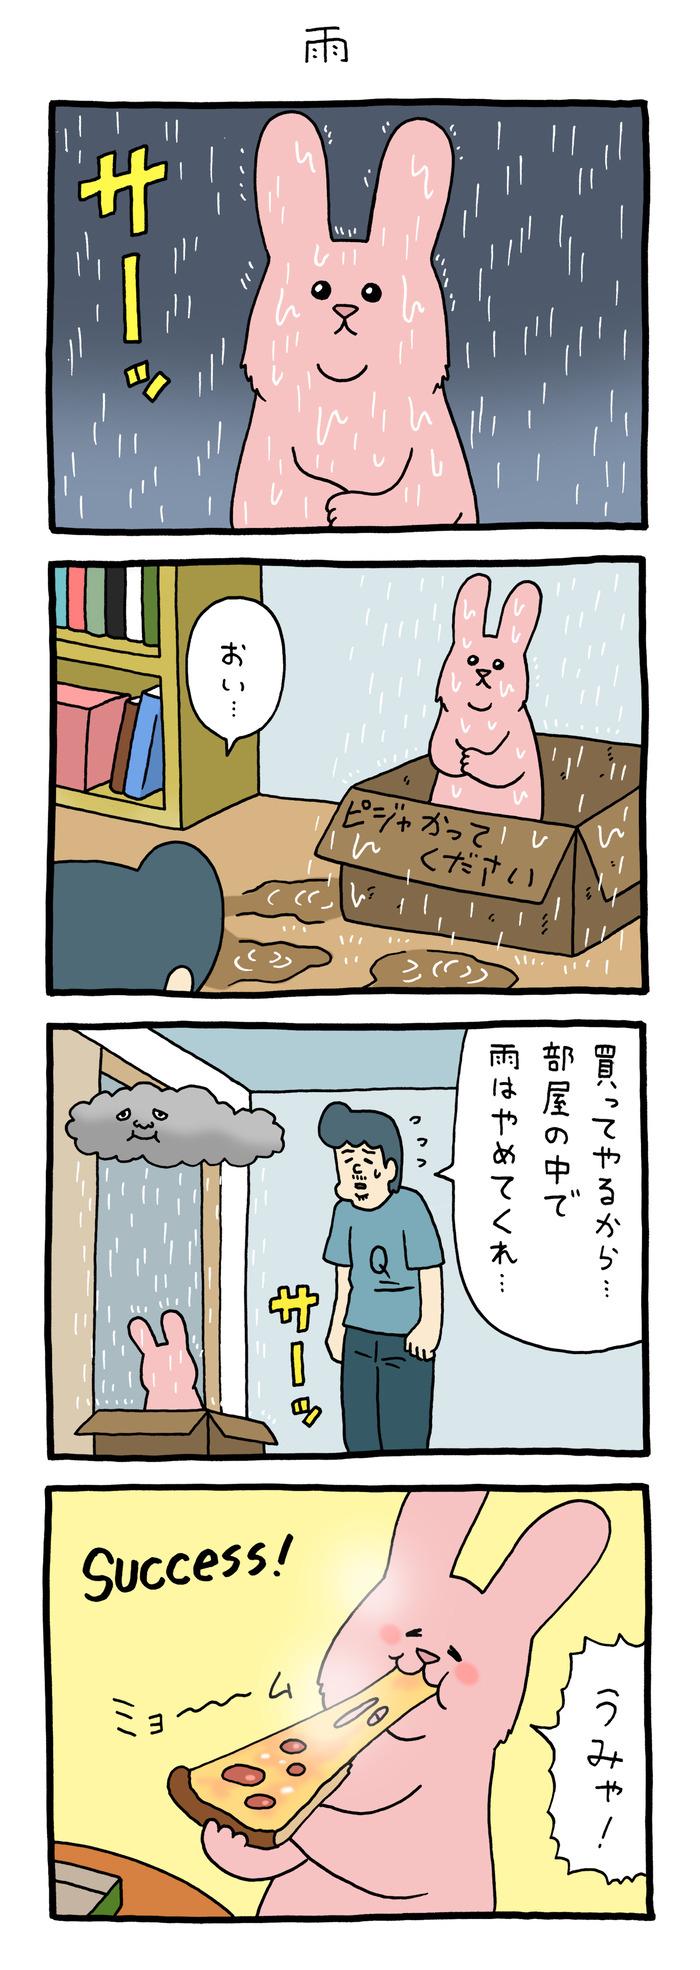 スキウサギ 雨2021 のコピー